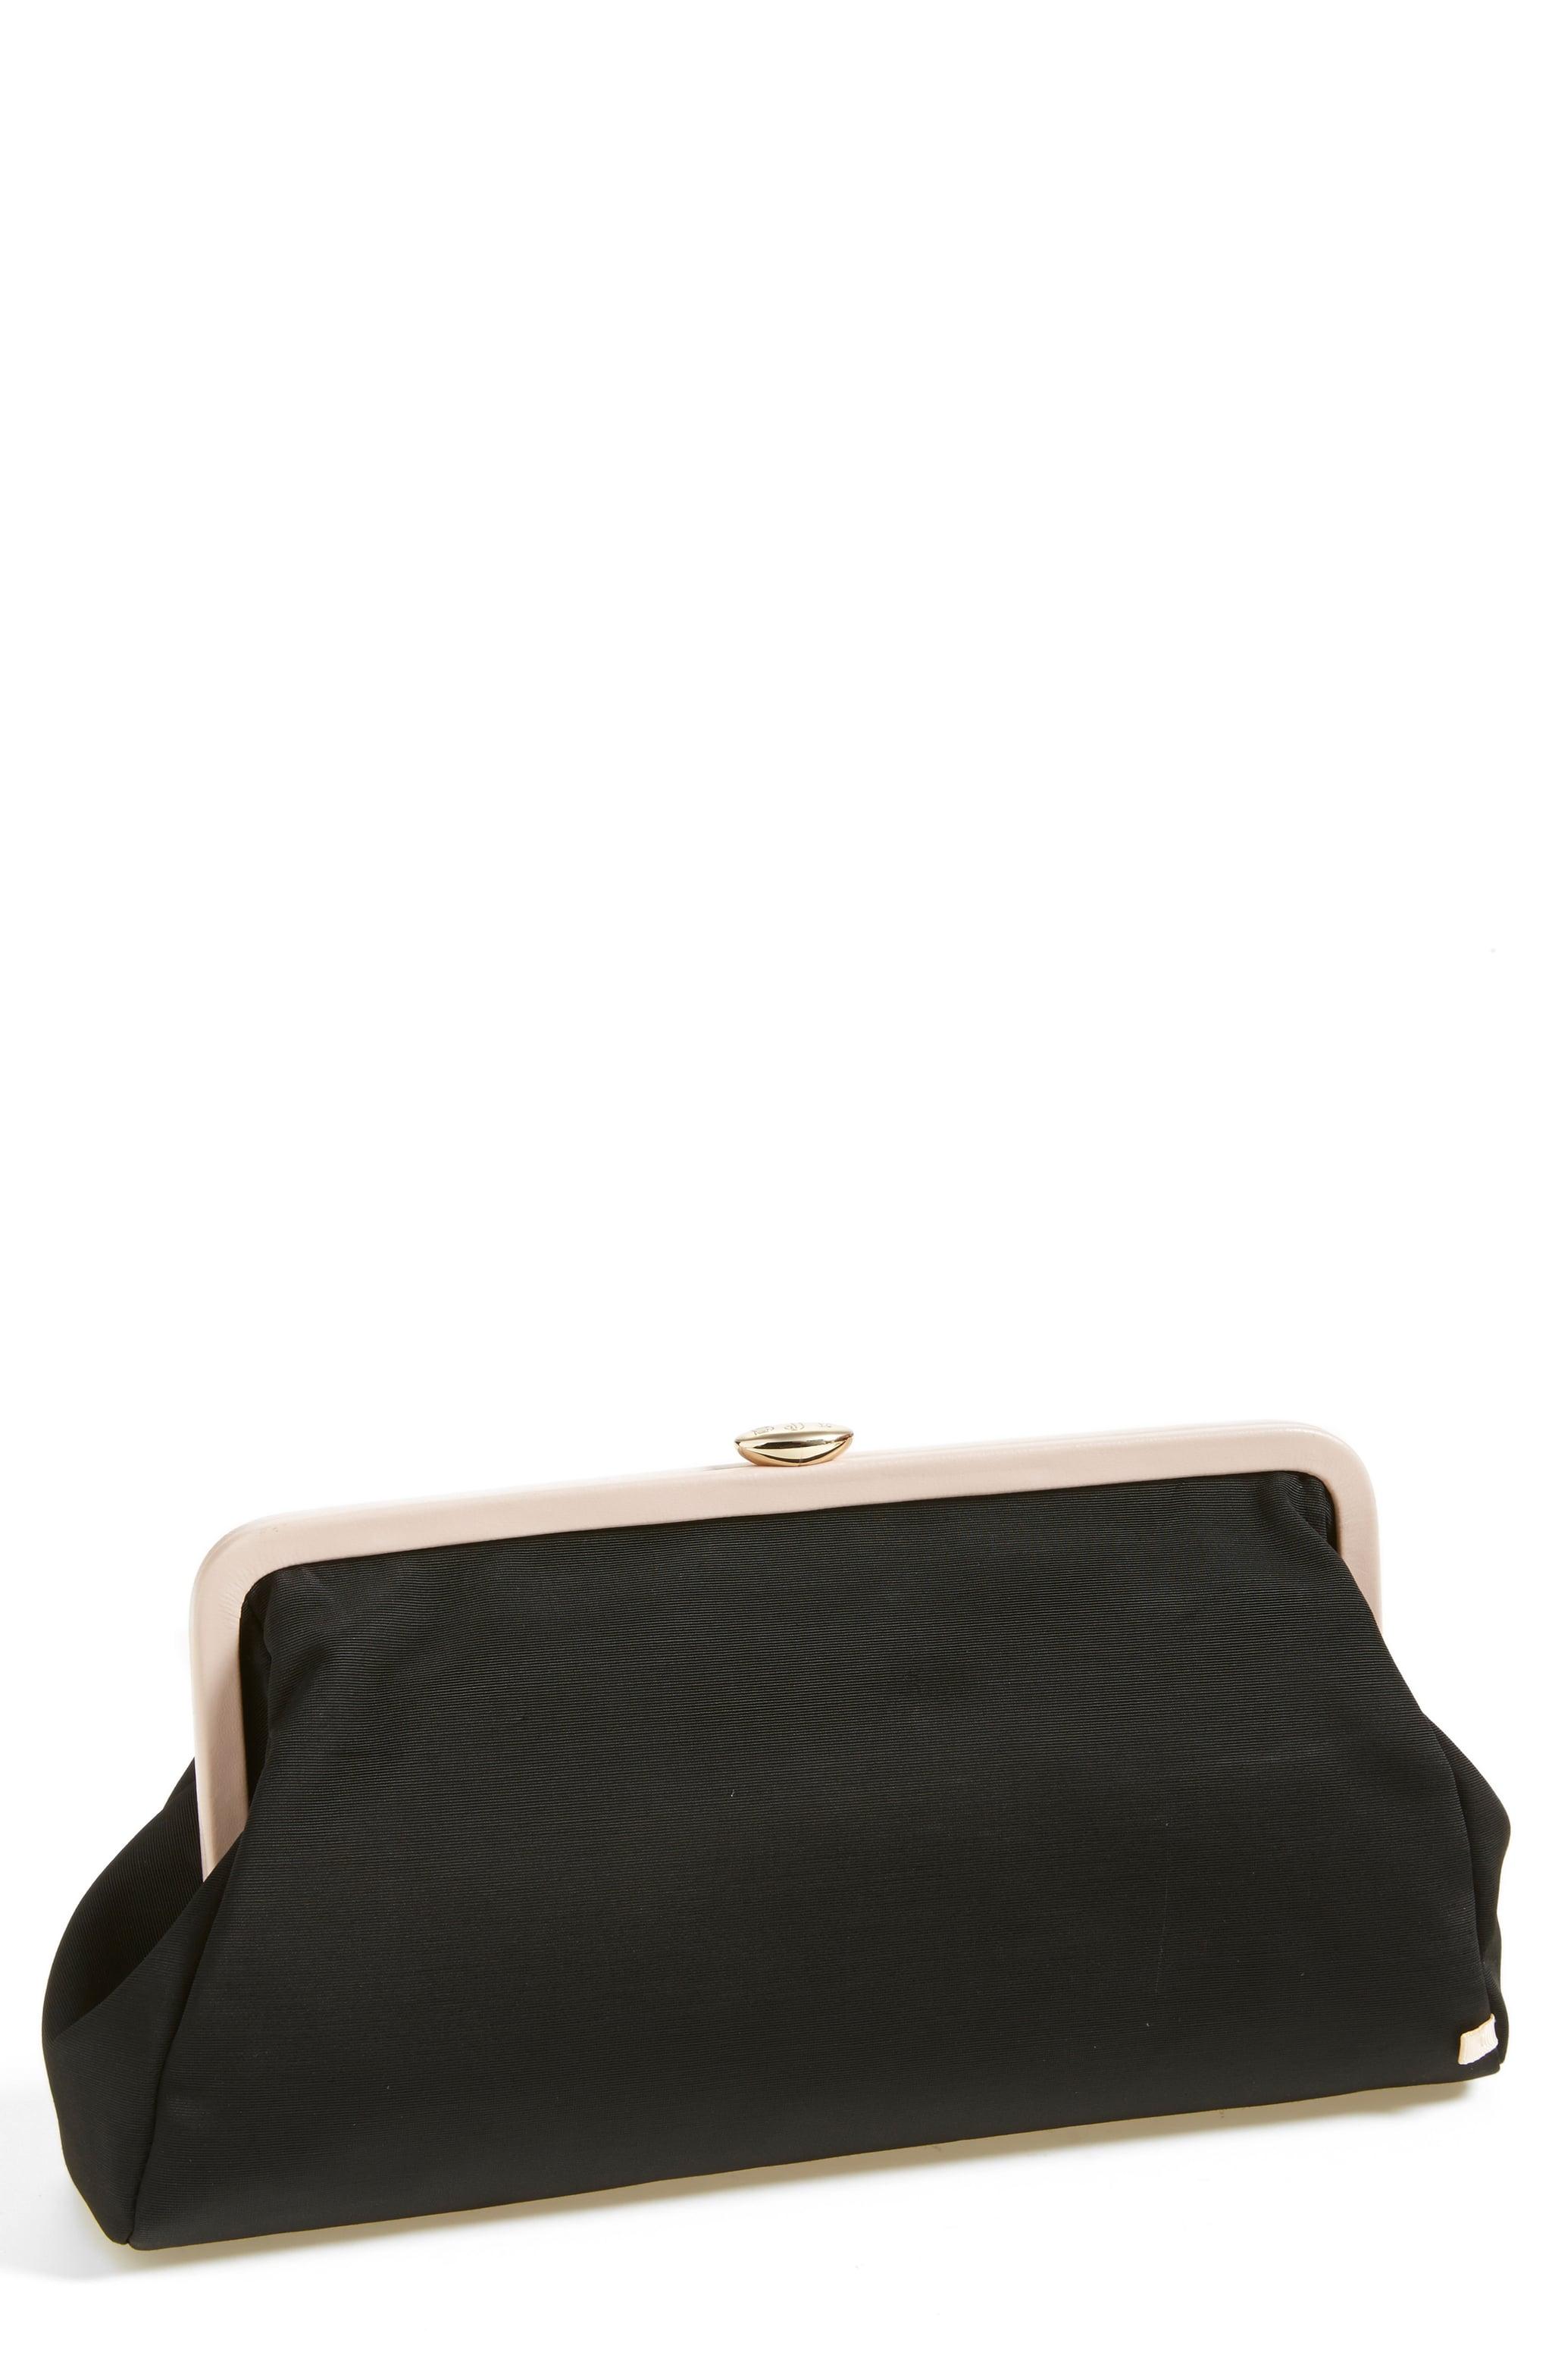 Beekman Clutch in Black, $245